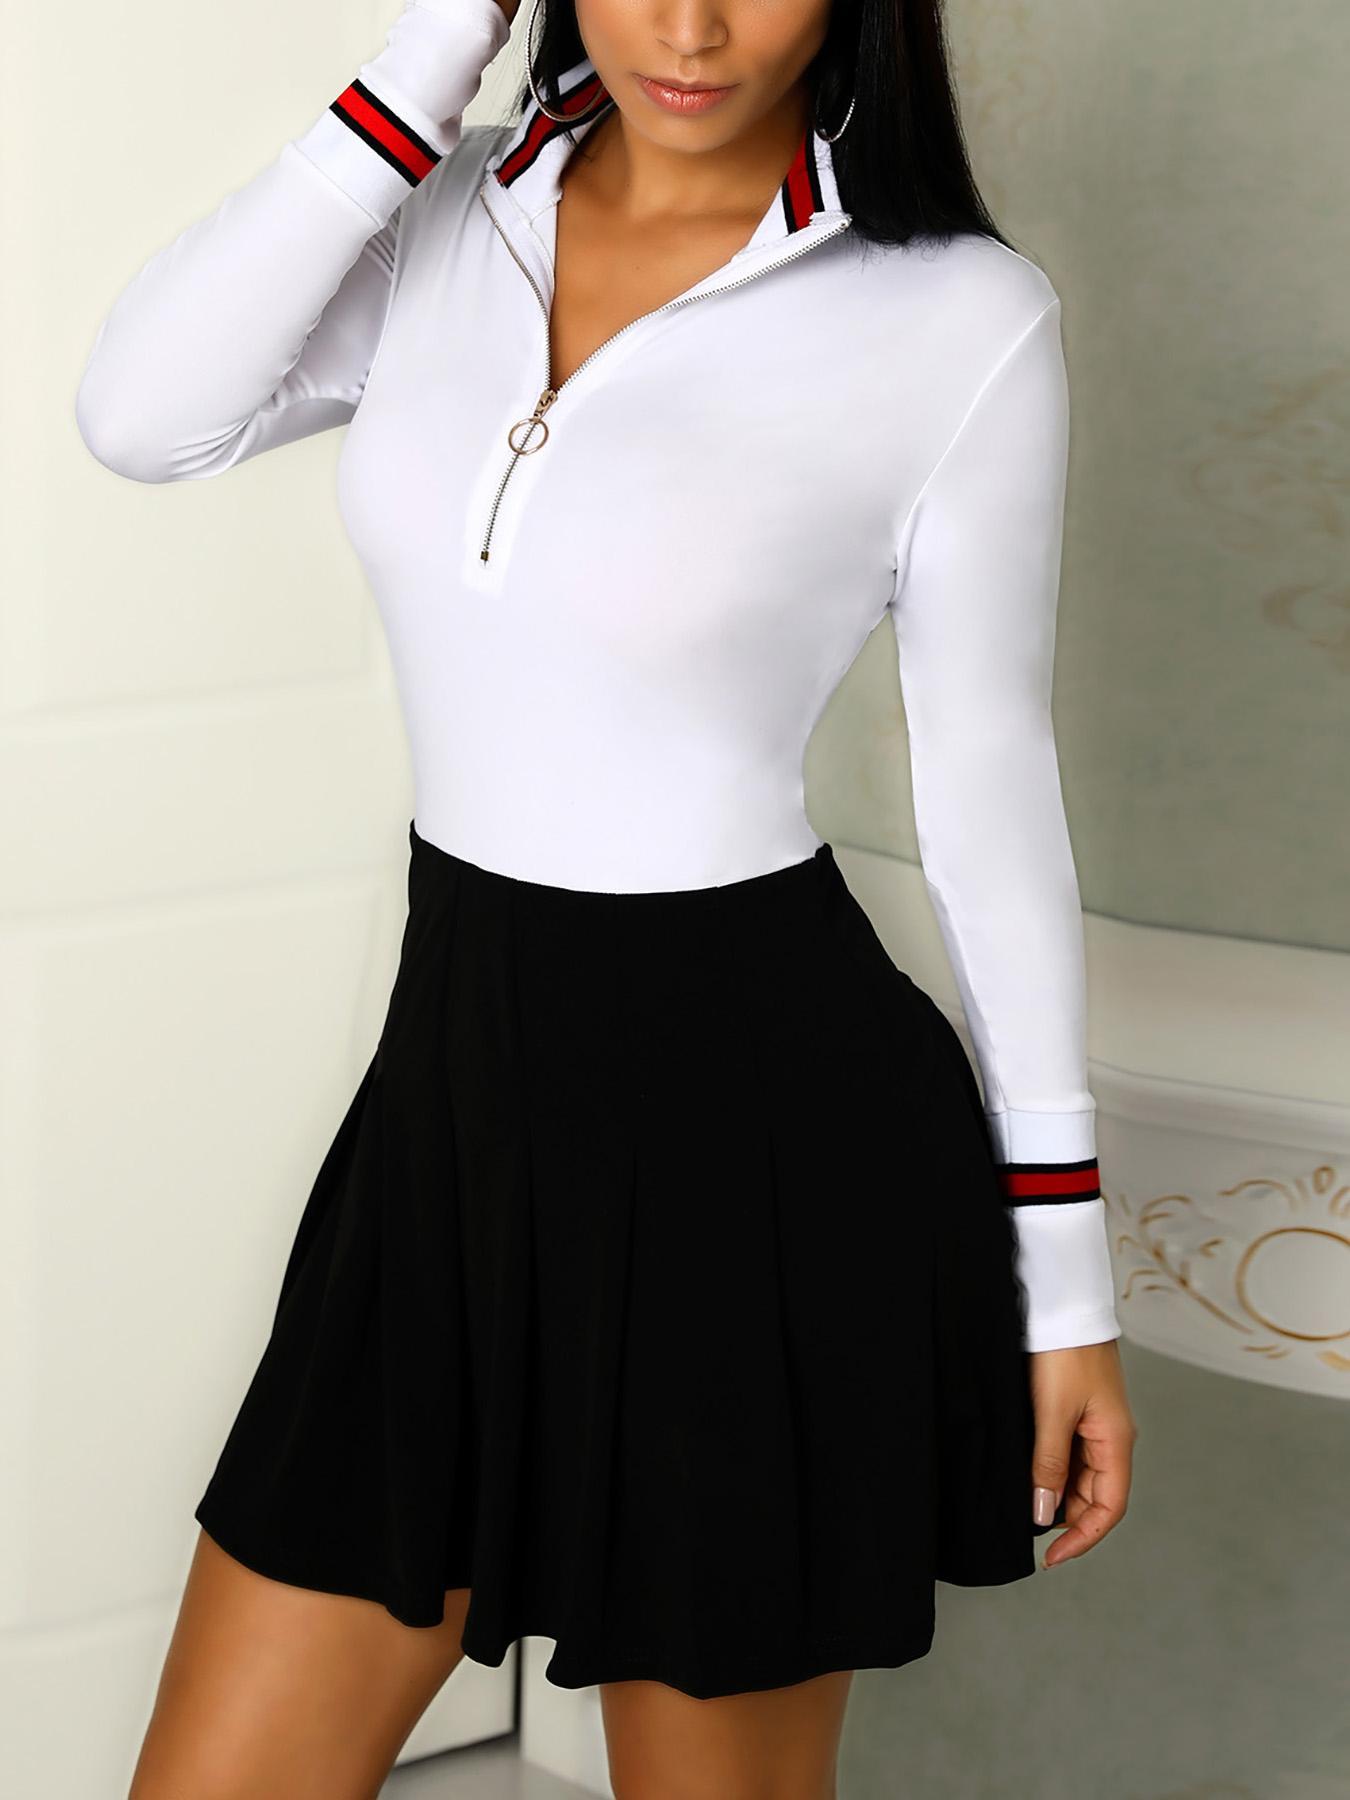 boutiquefeel / Vestido plisado con cinta a rayas de color contrastado en contraste